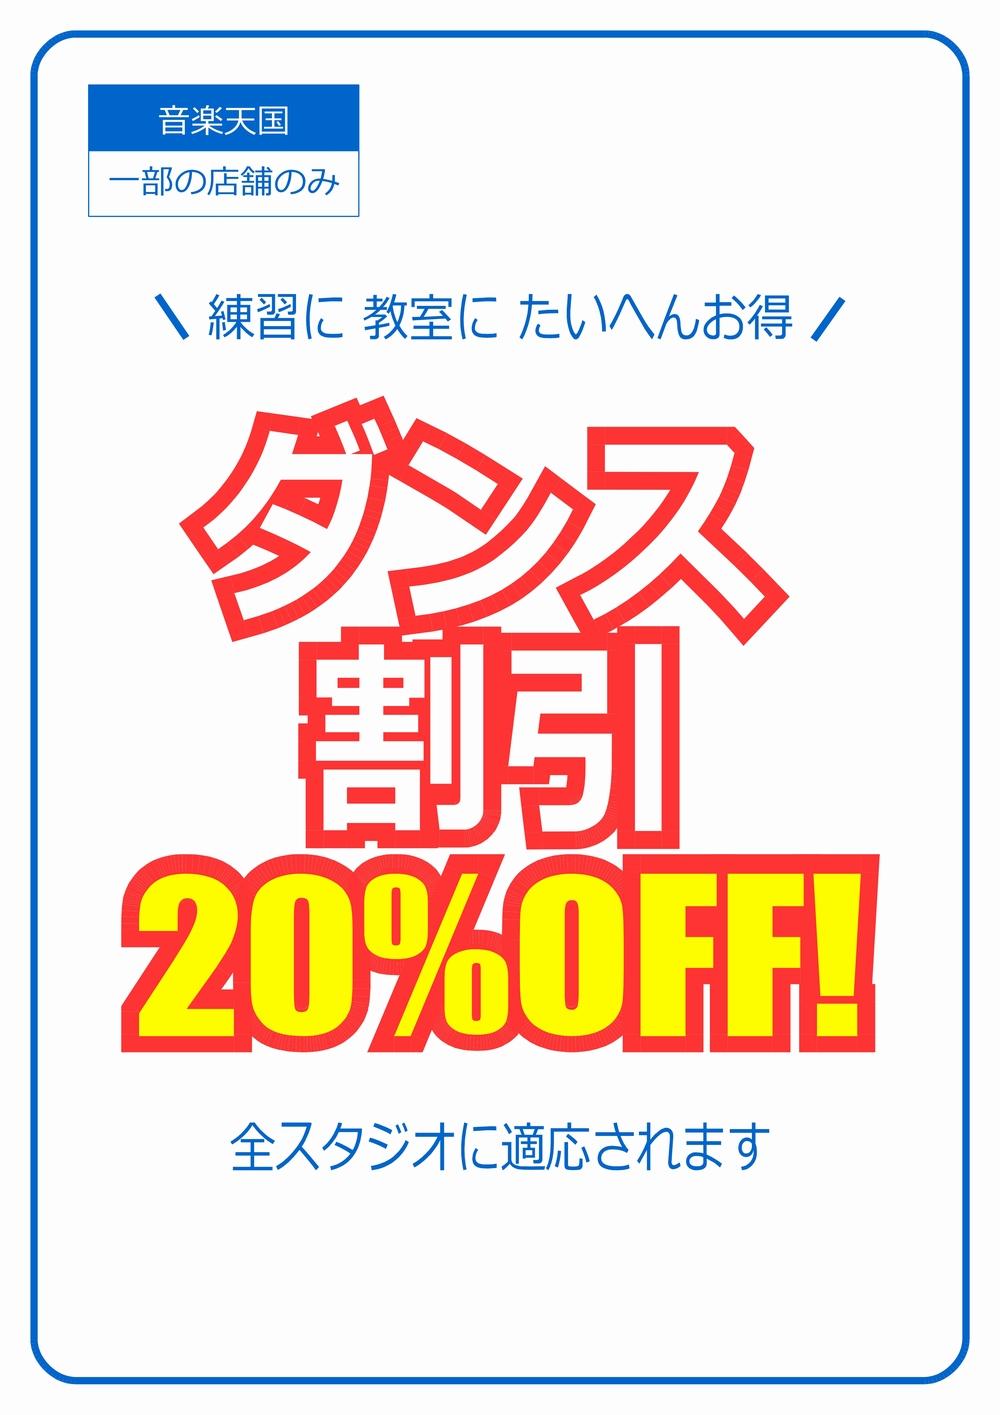 音楽天国・名古屋ささしまライブ店ダンス割引